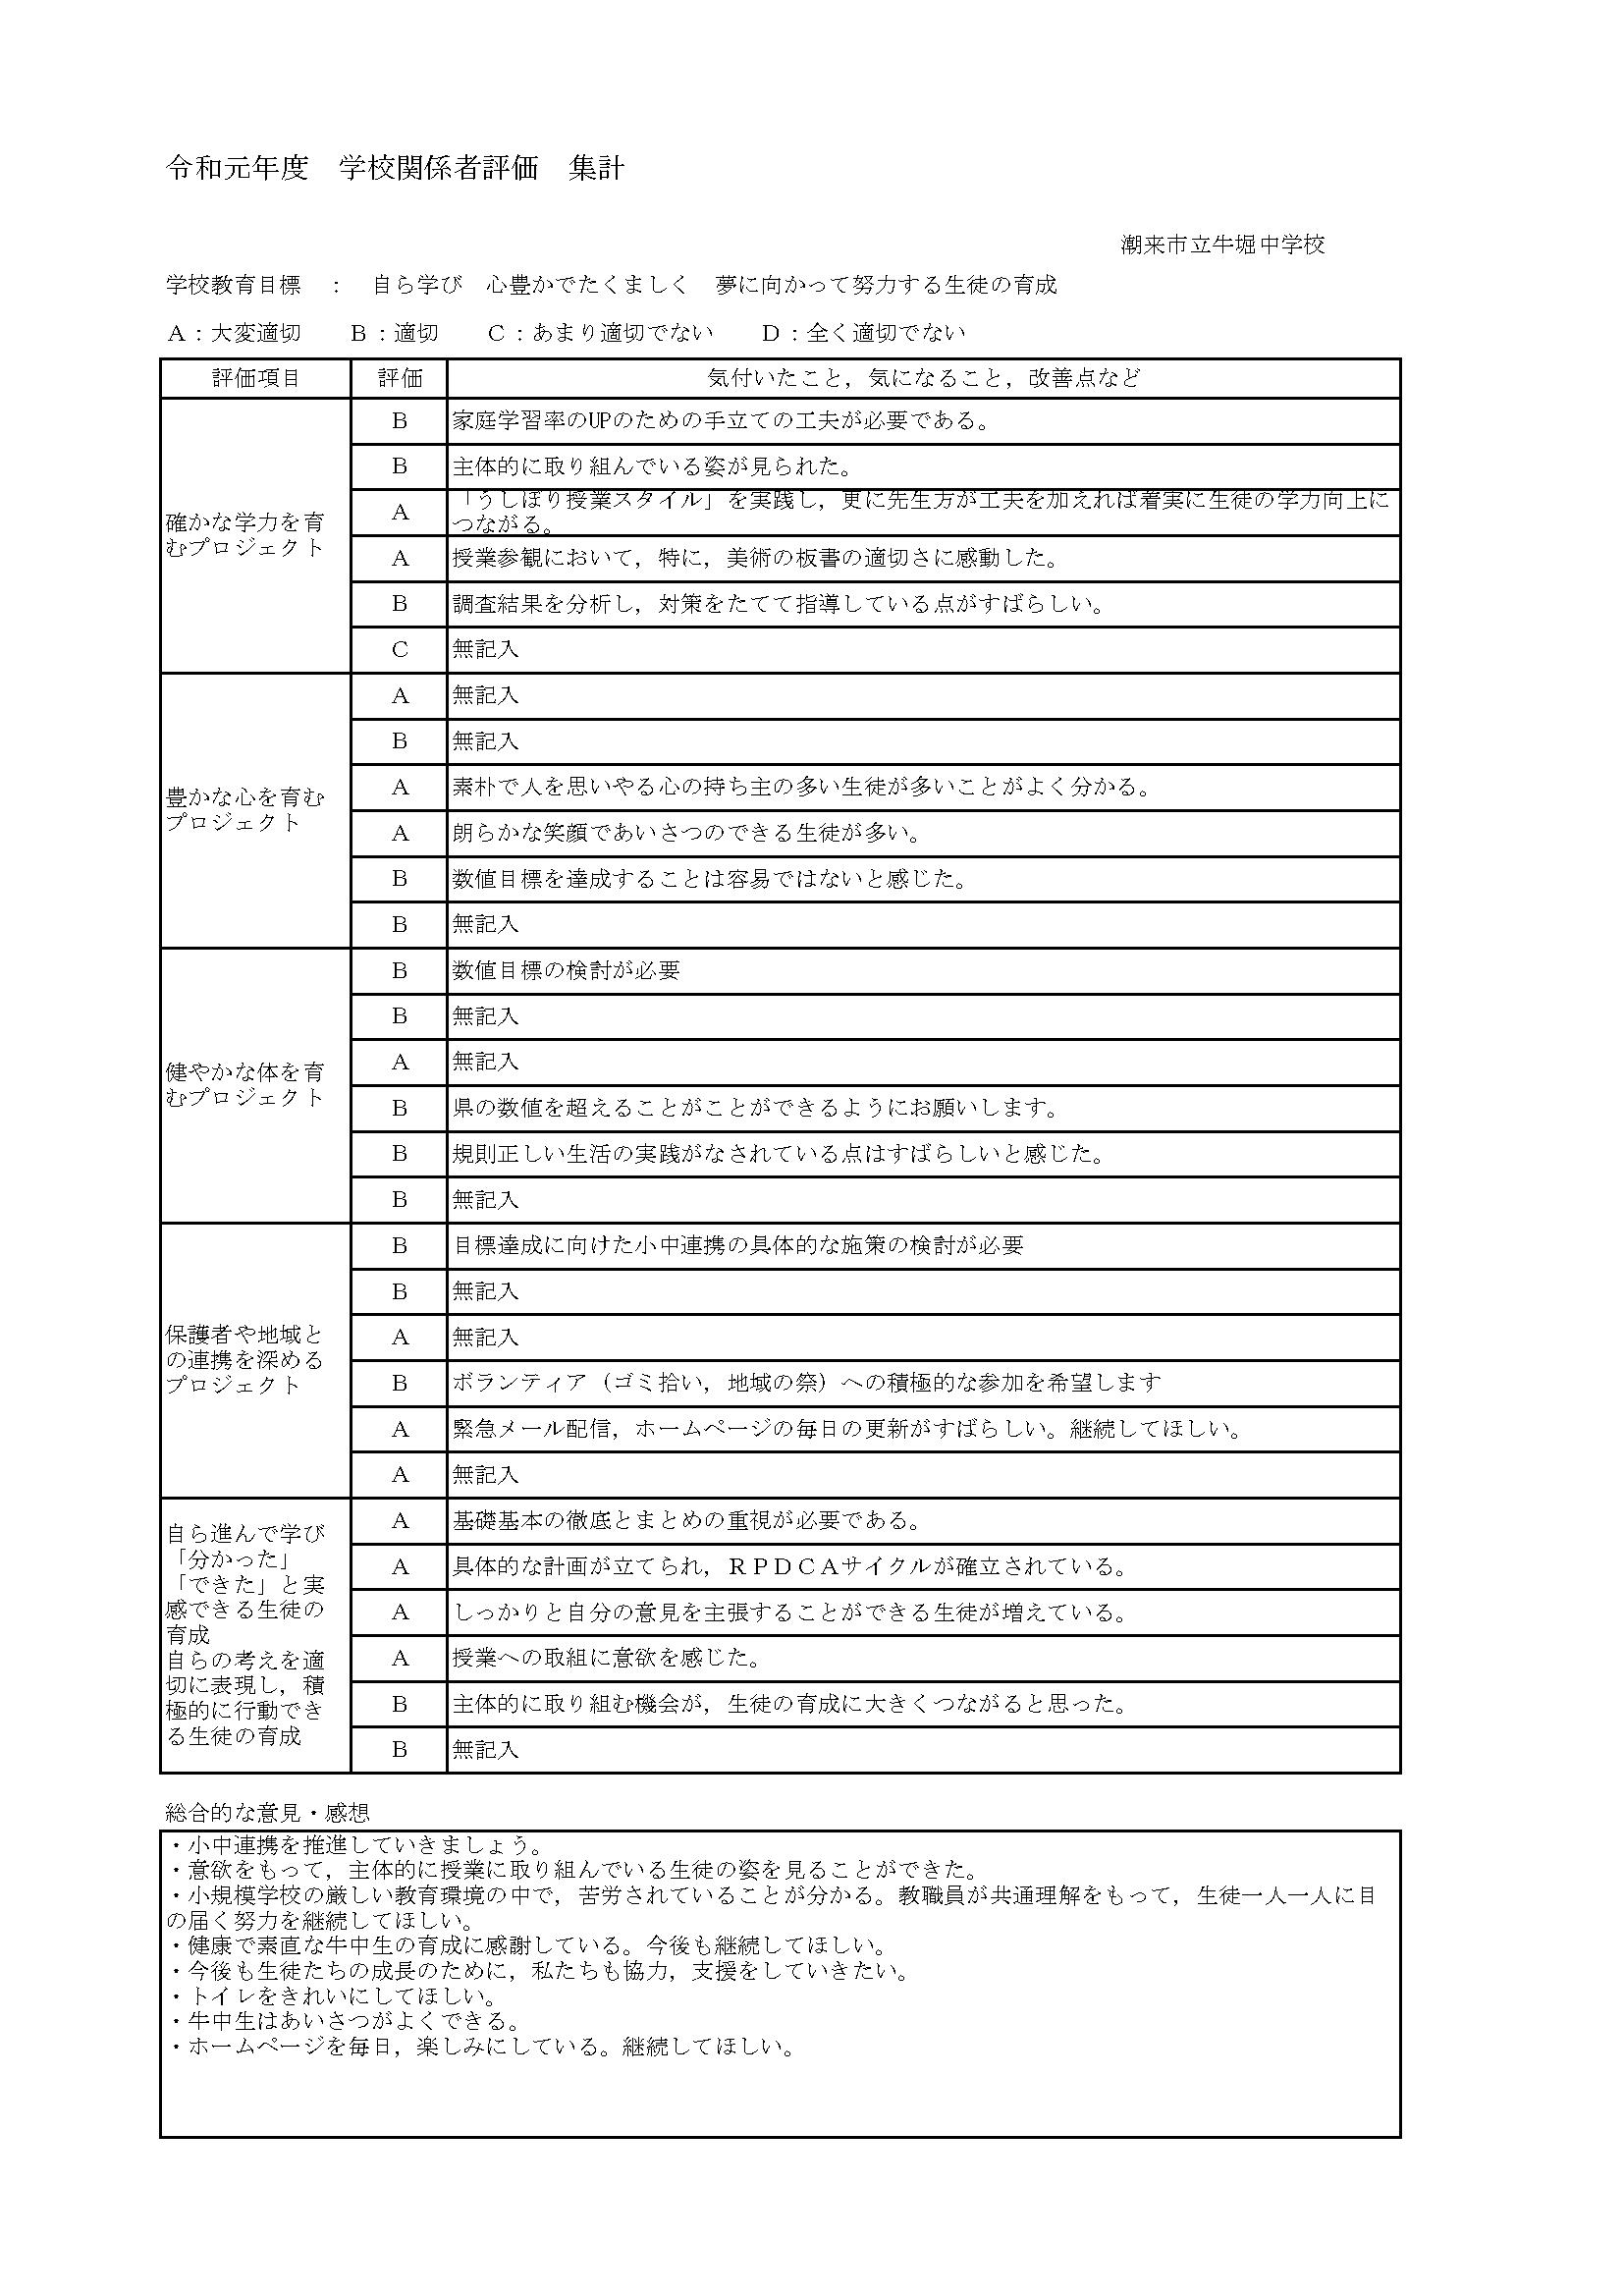 R1評価シート_集計\\